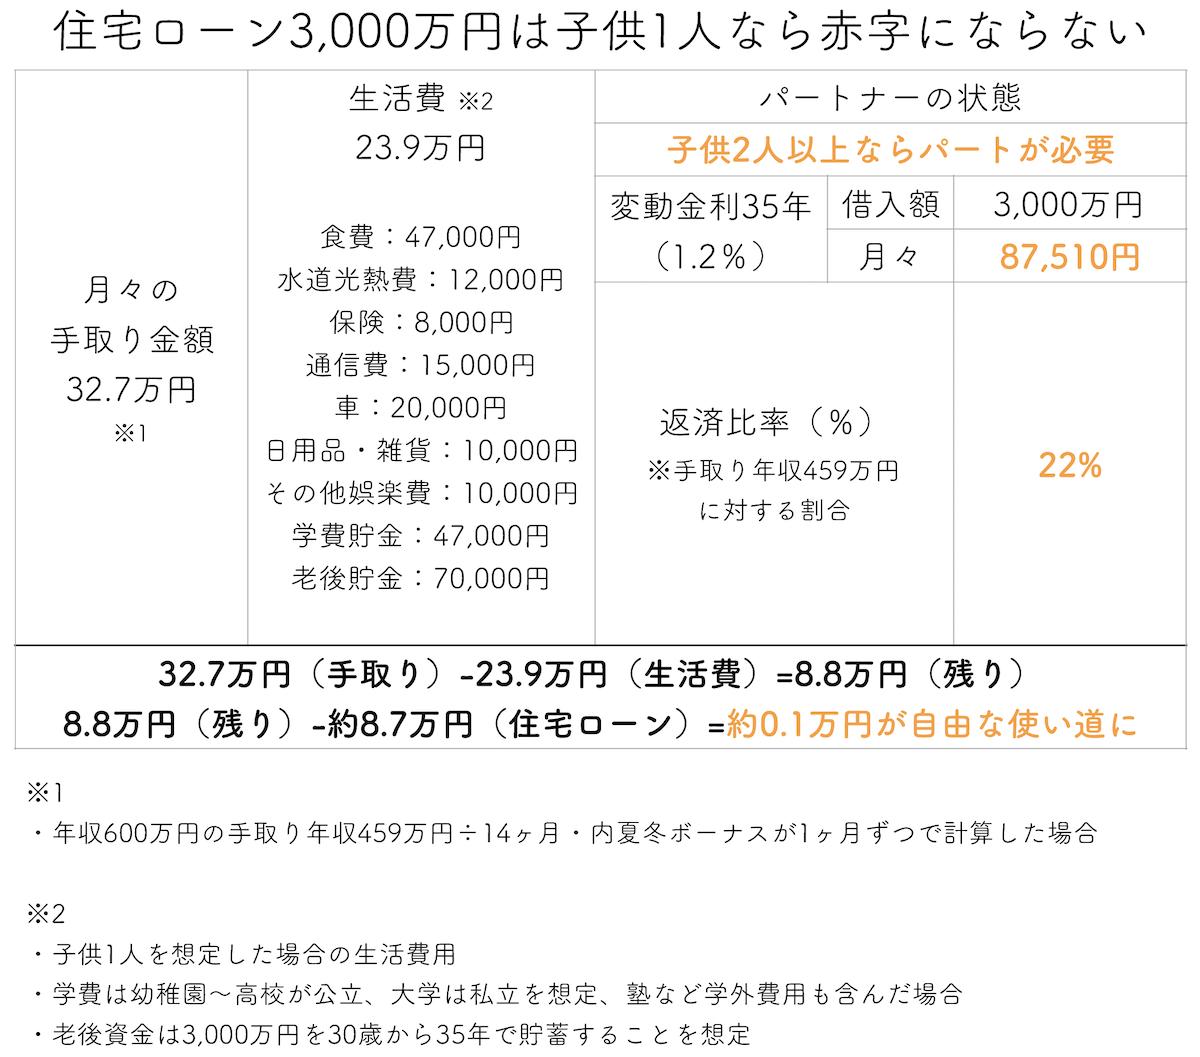 住宅ローン3000万円は子供1人なら赤字にならない